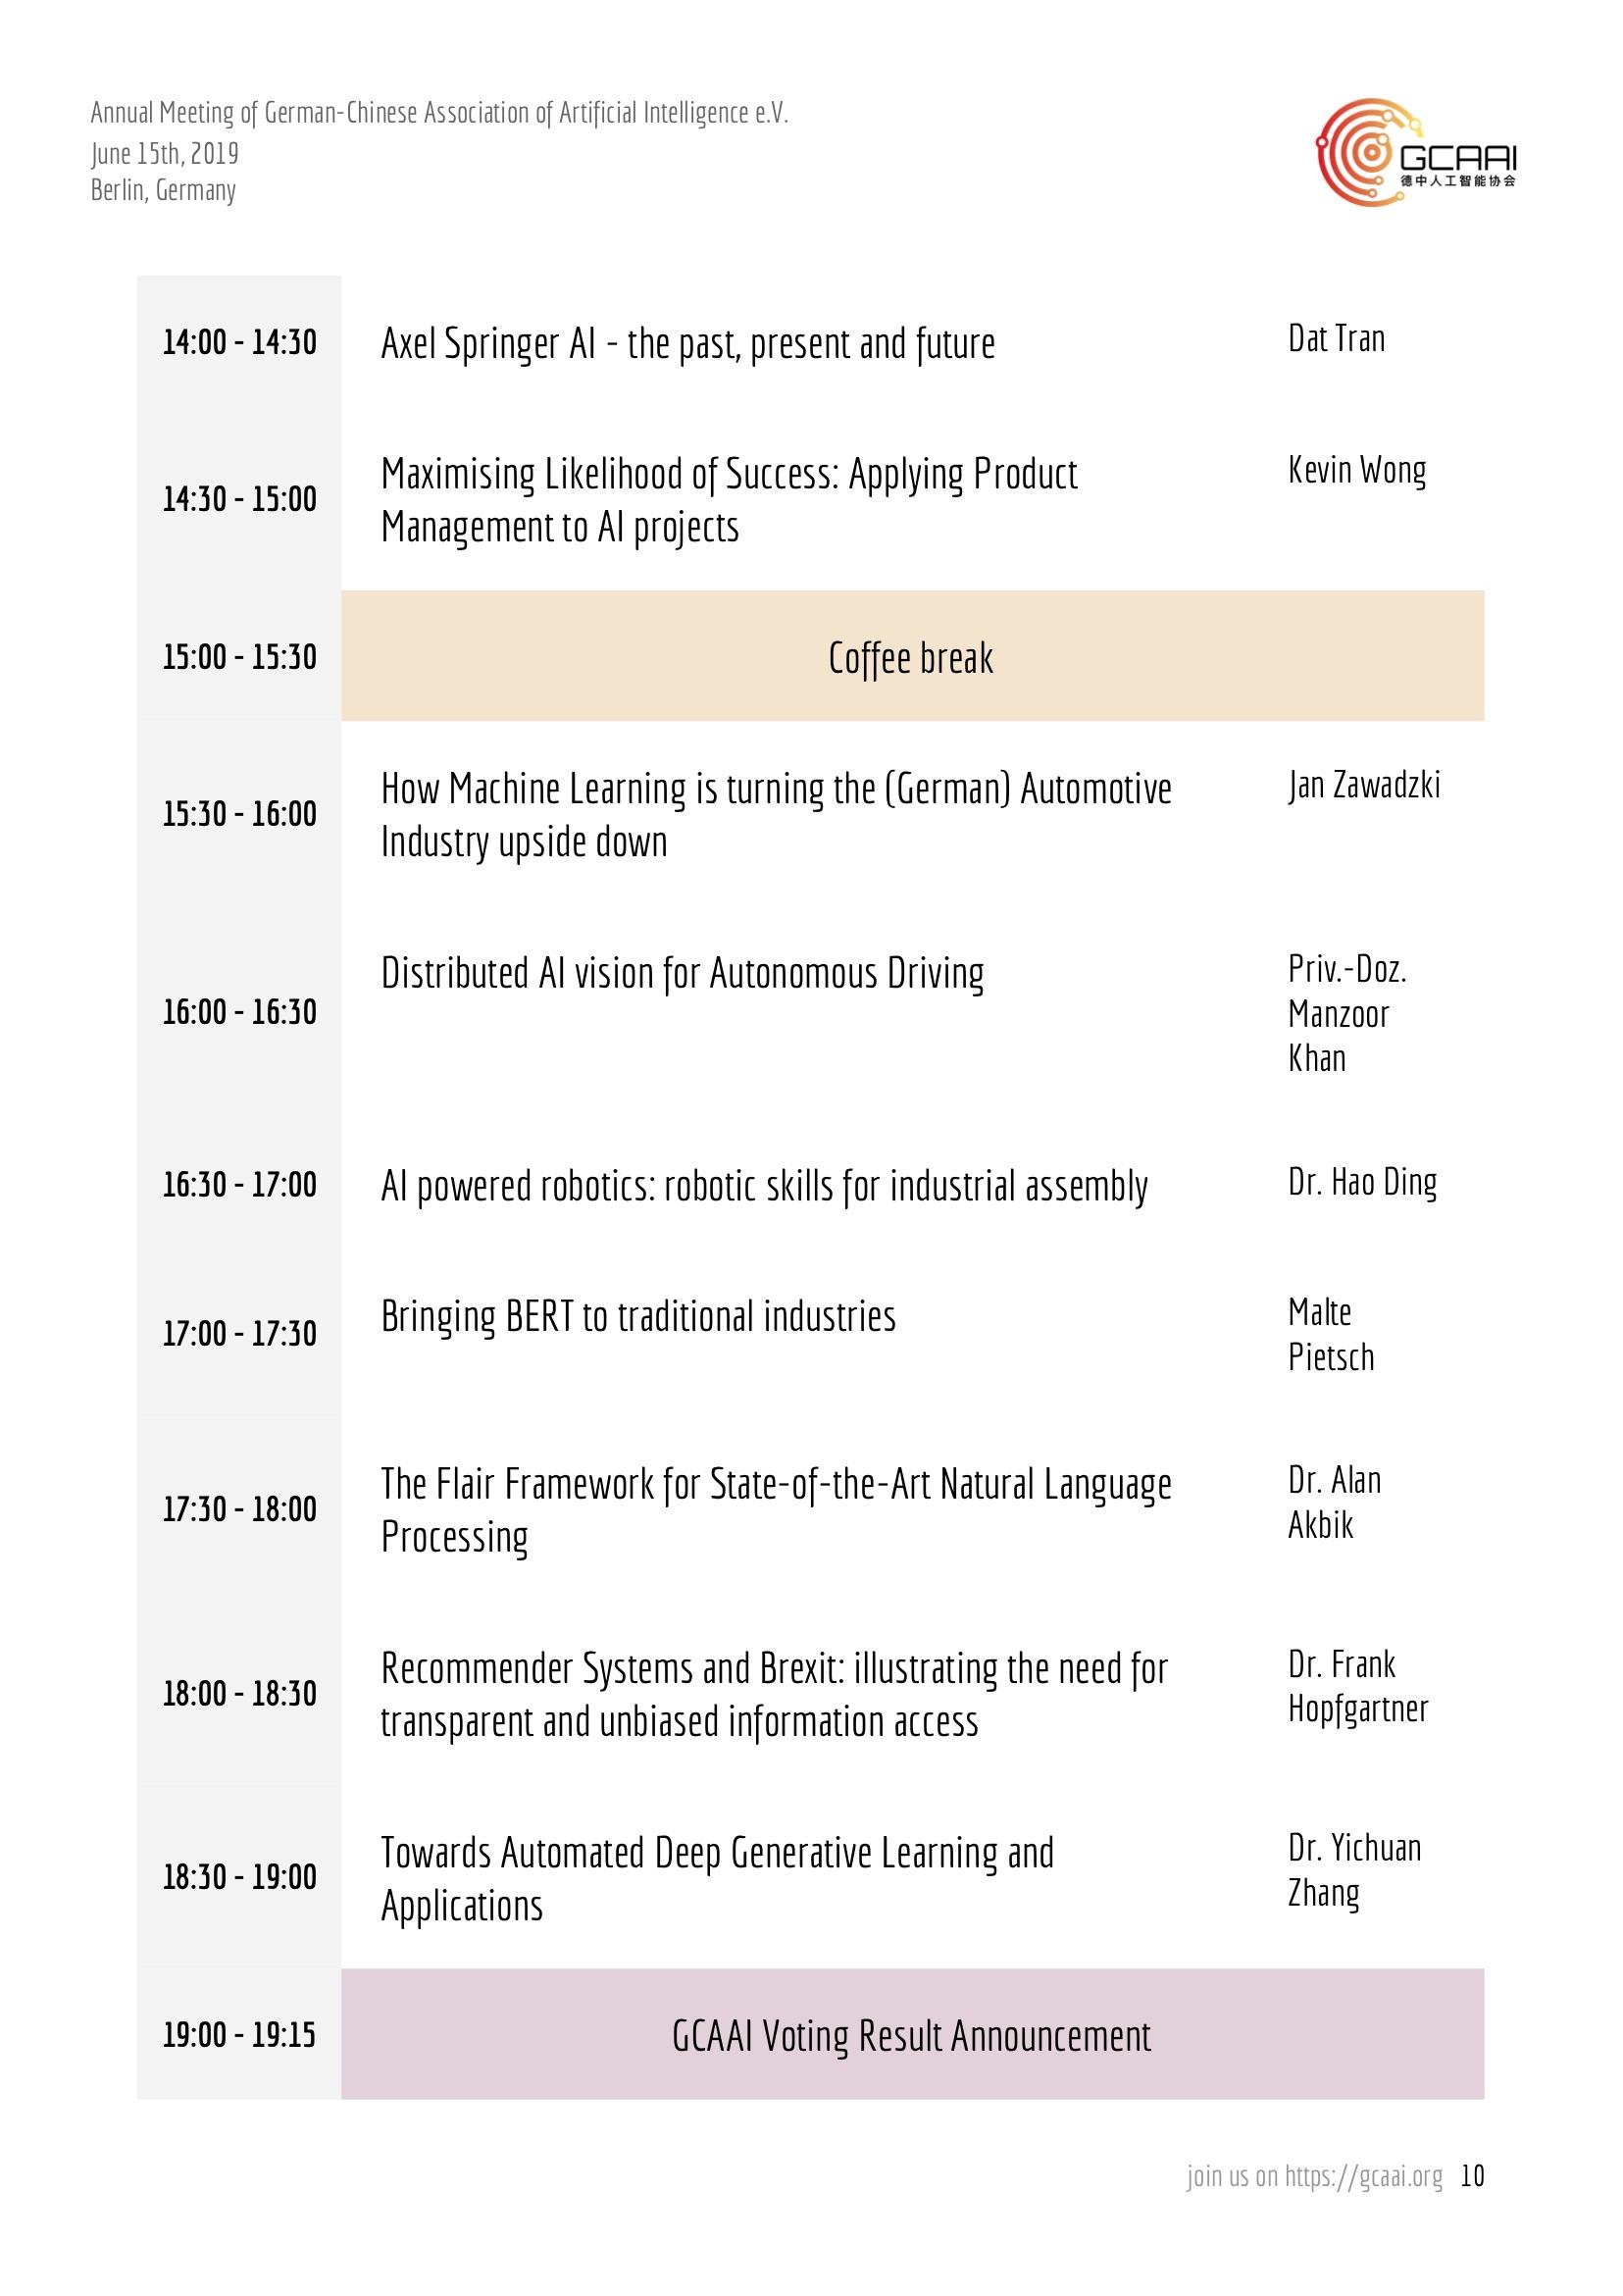 GCAAI Annual Meeting Agenda - Part 2